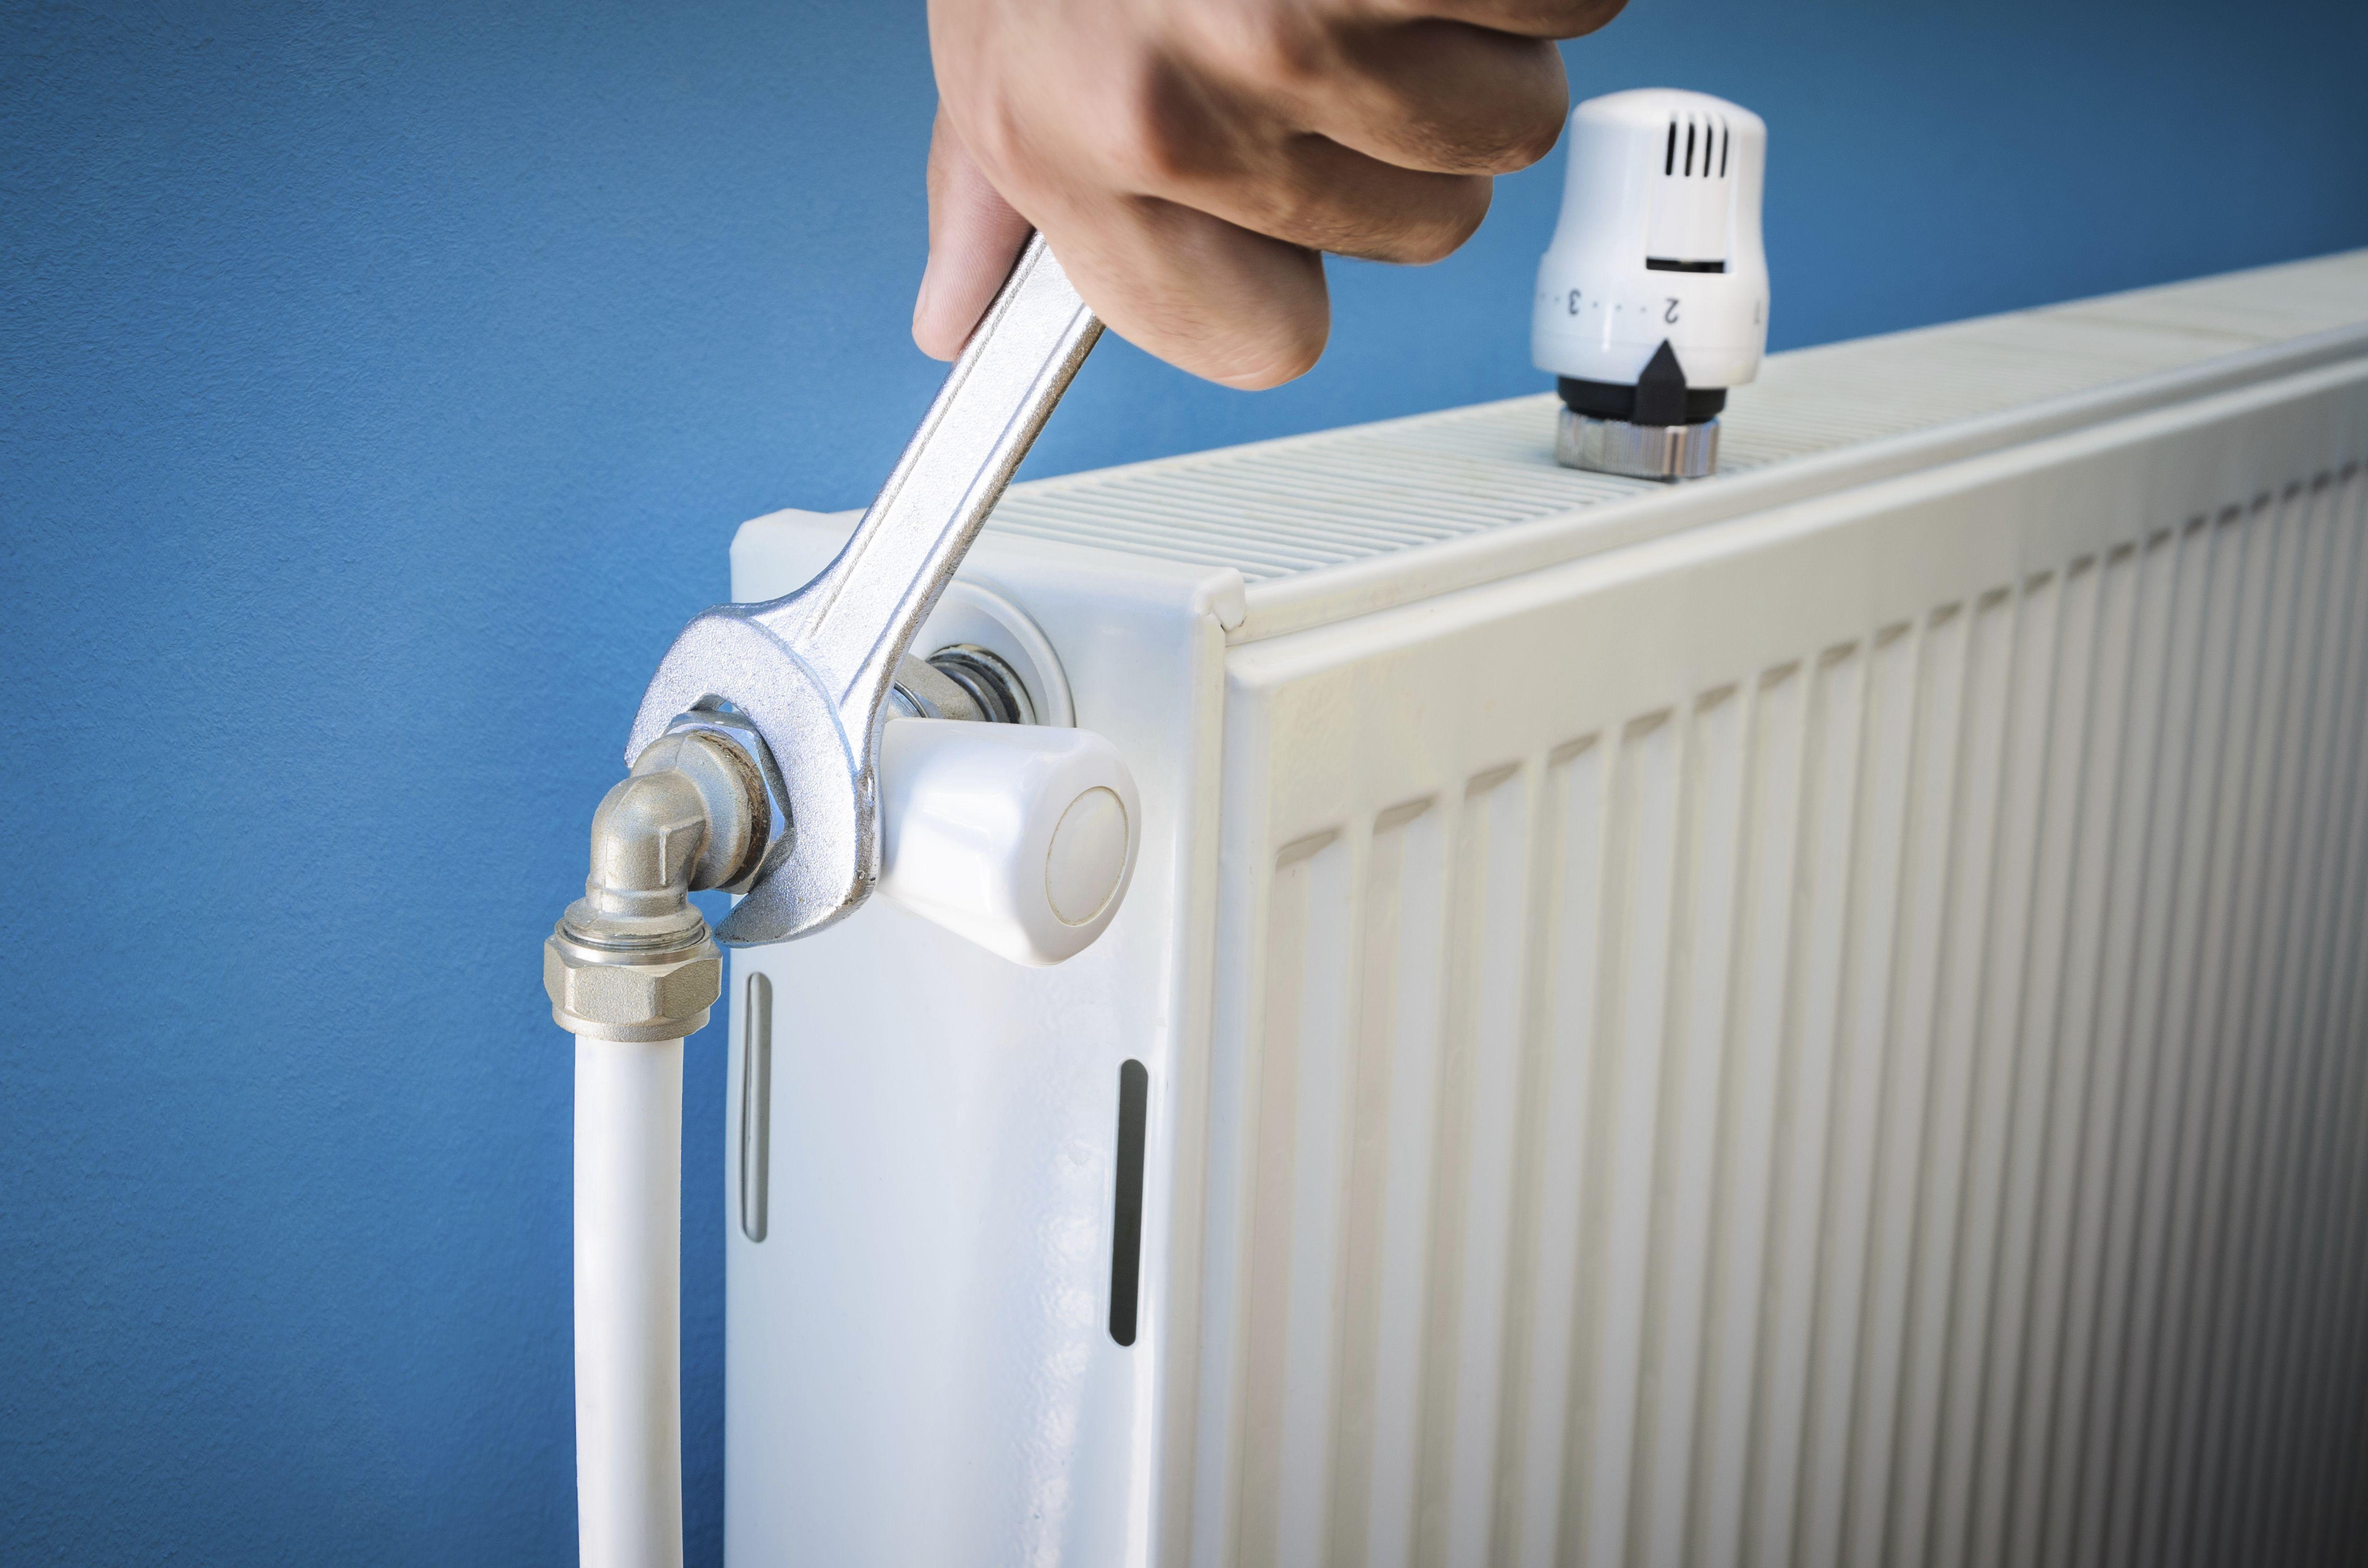 Instalaciones de calefacción en edificios en Madrid